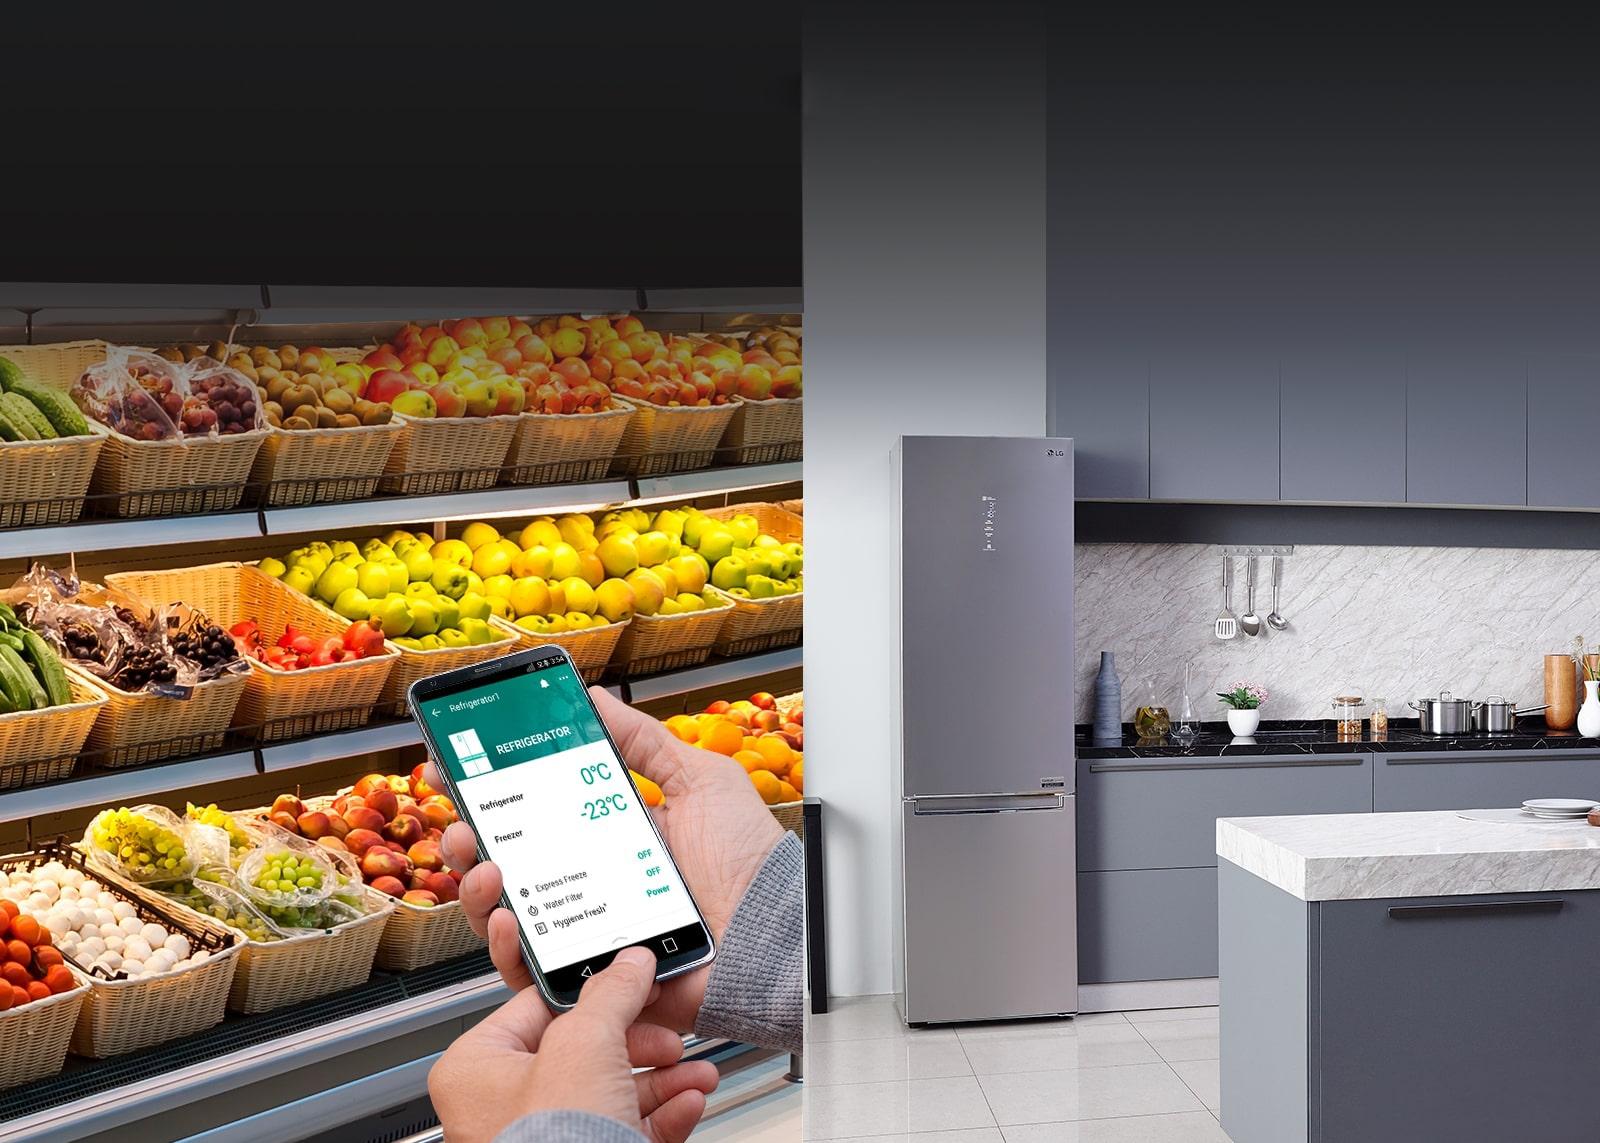 LG Умный контроль холодильника